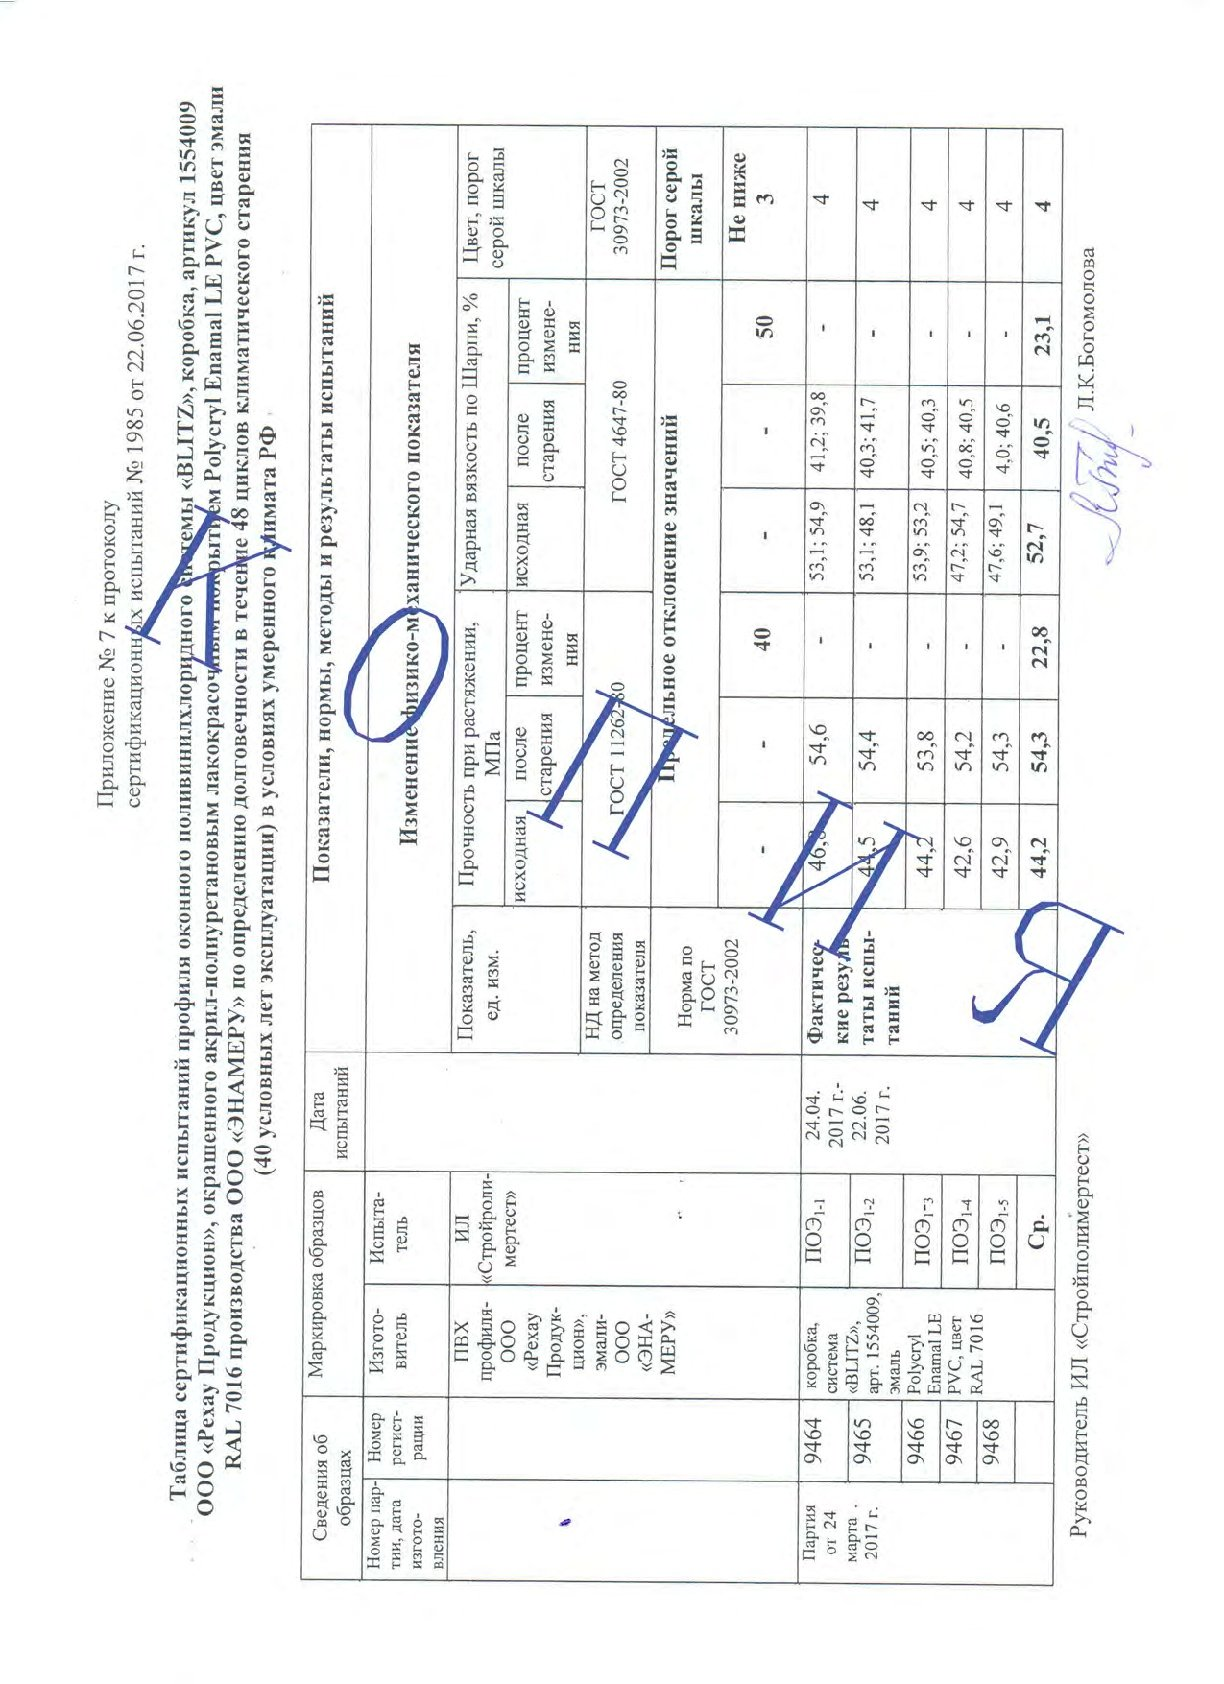 enameru-gost-30973-rehau-copy-011